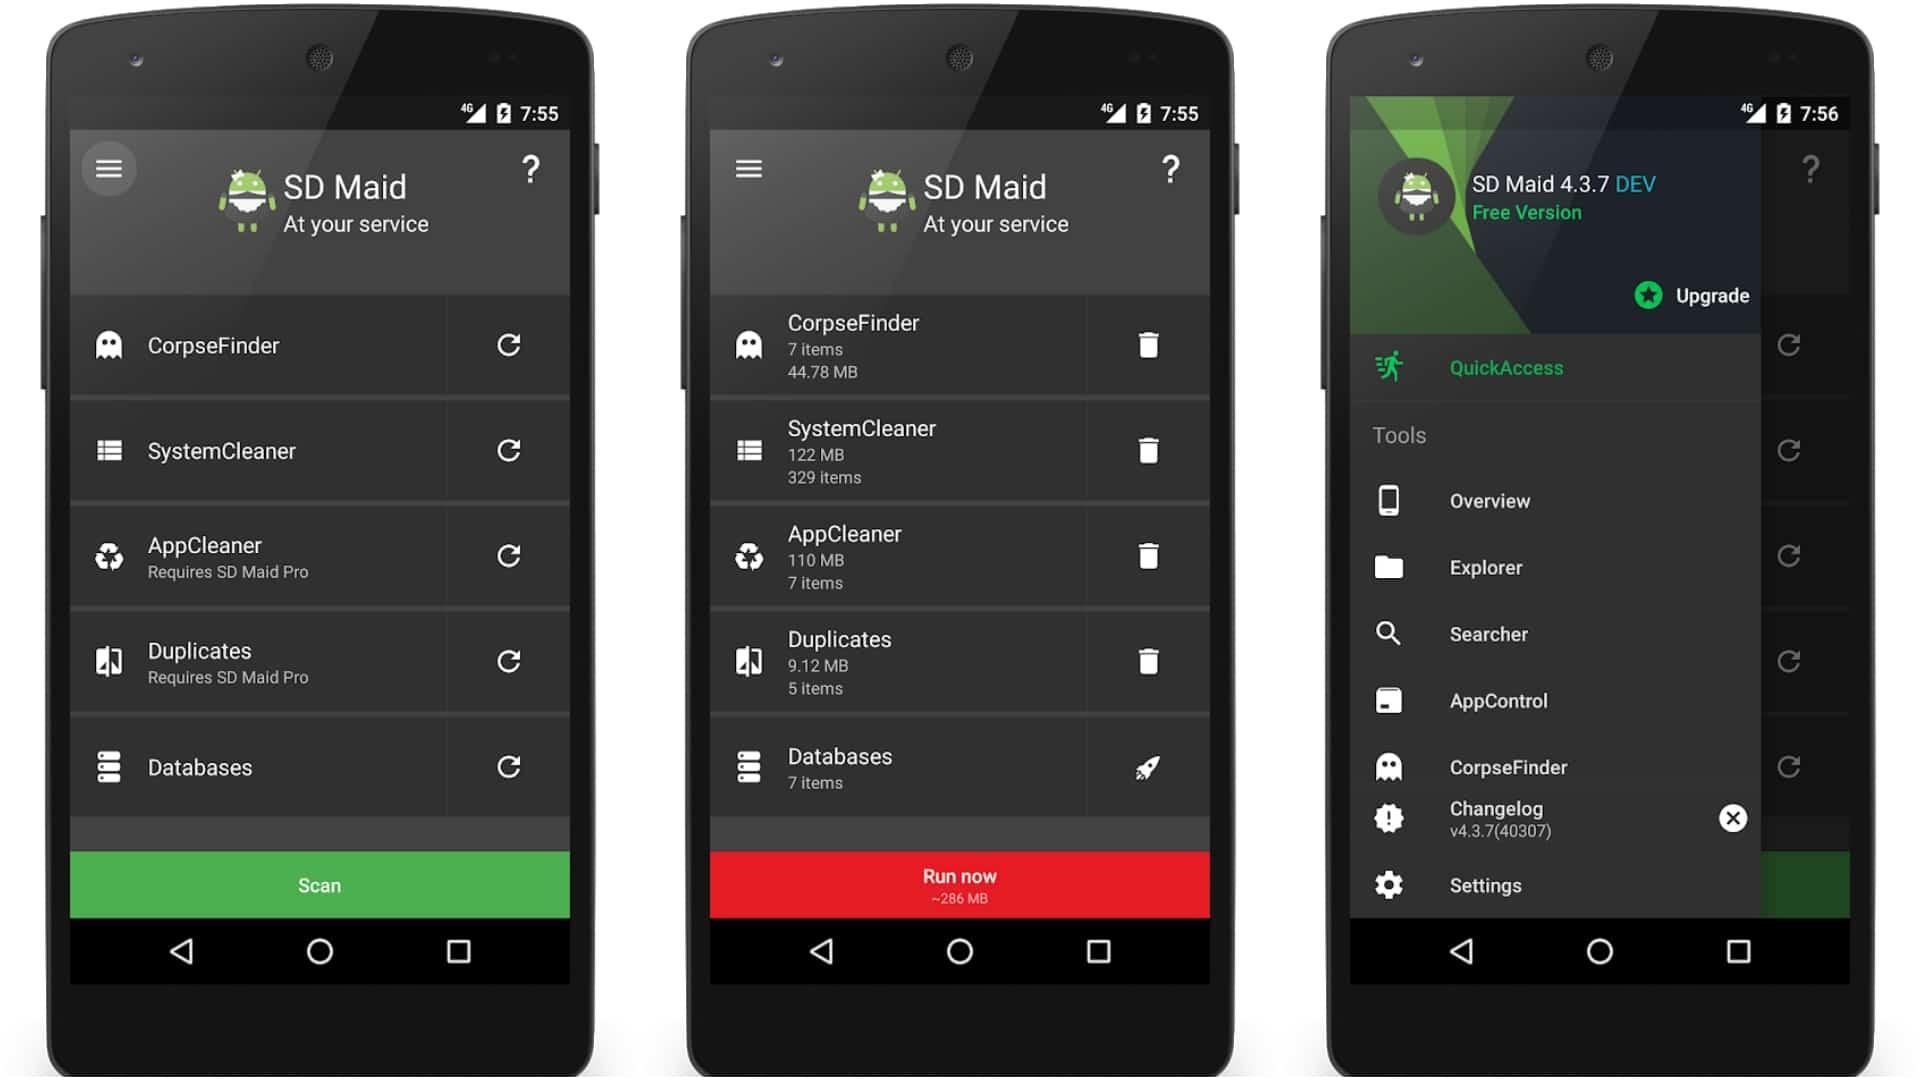 SD Maid app image May 2020